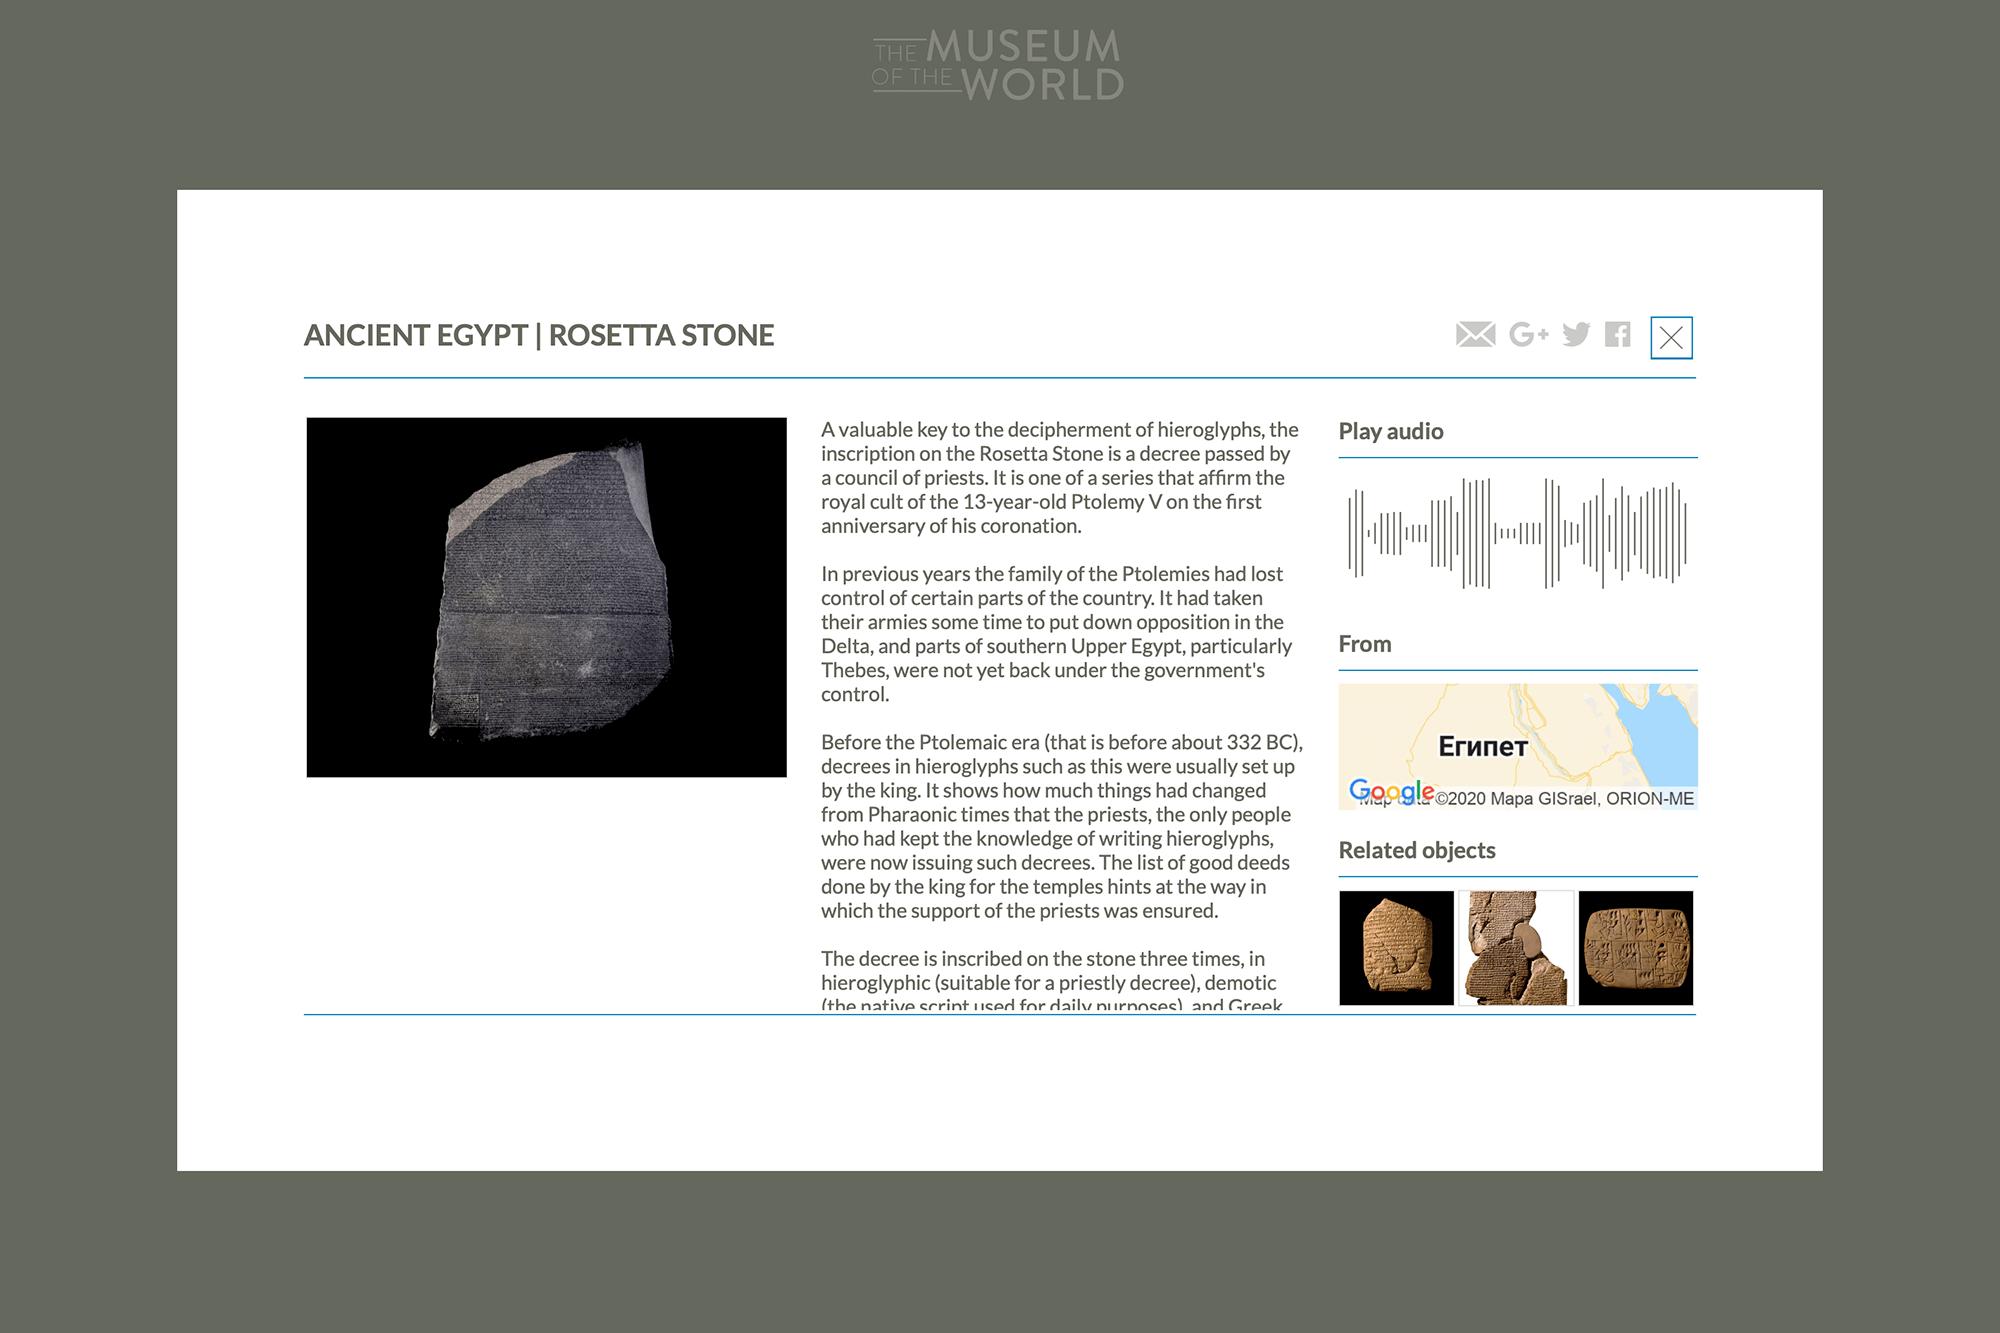 Когда нашли экспонат в системе координат музея, можно о нем прочитать или послушать аудиогид